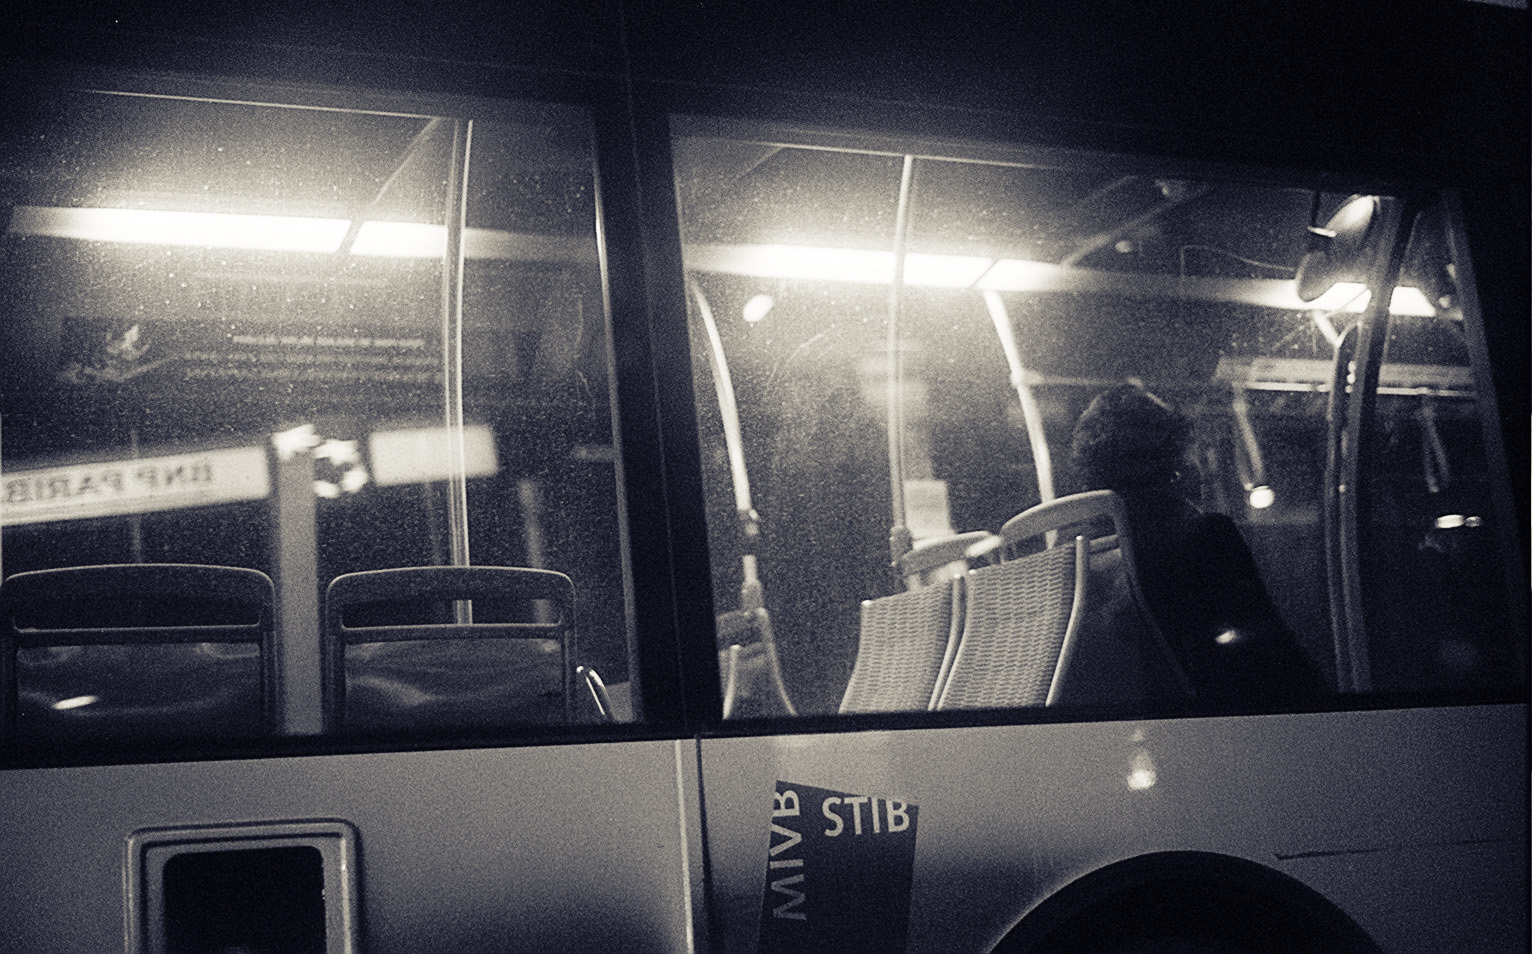 _27_0026.jpg